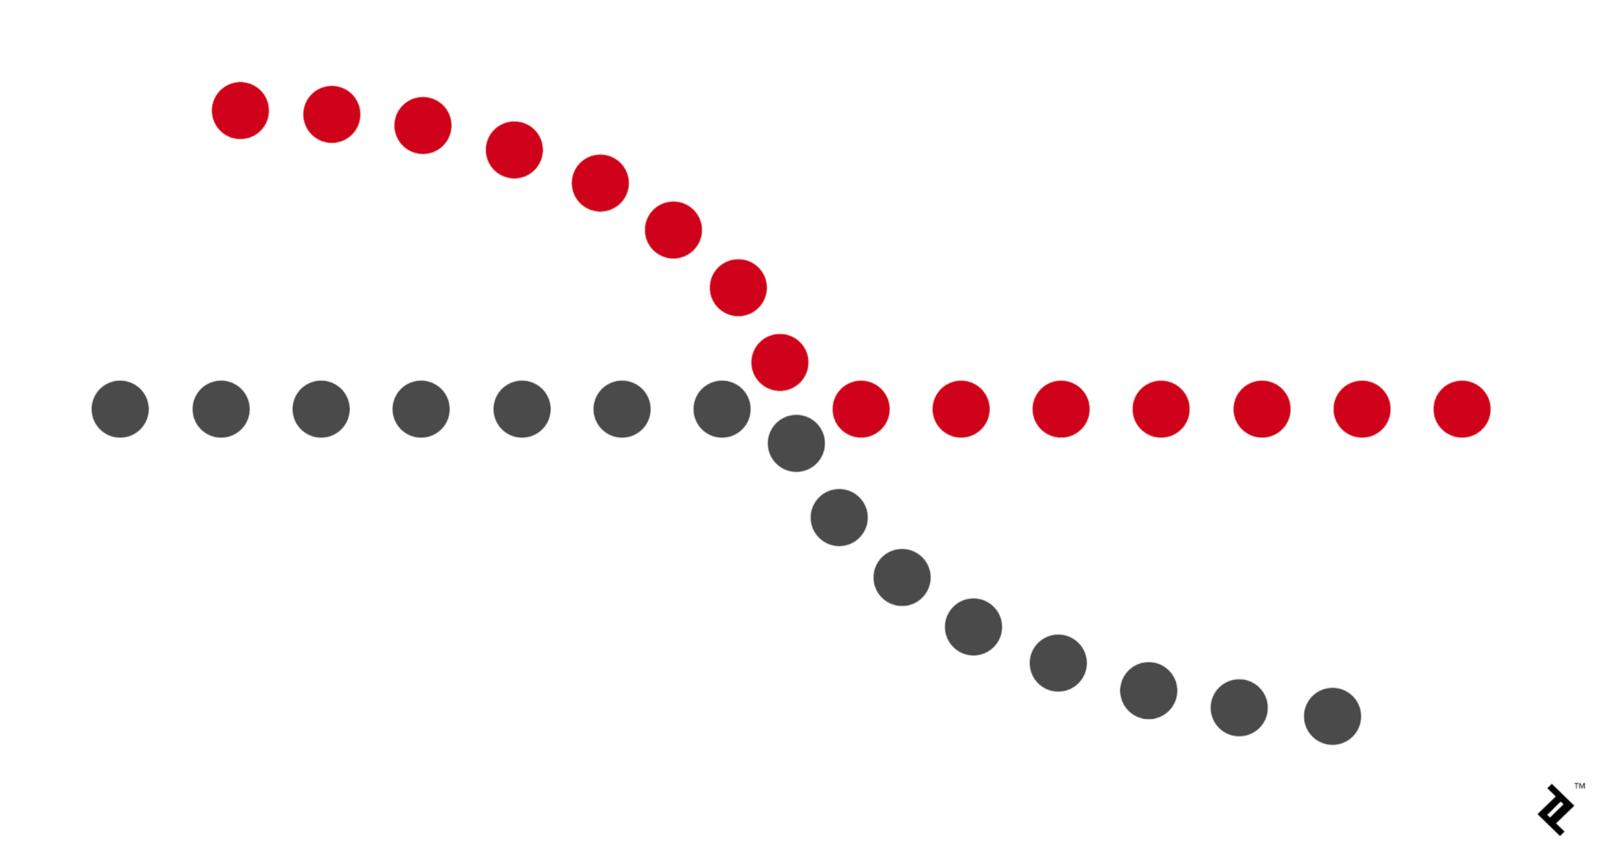 Dù được làm nổi bật bởi các chấm màu đỏ, nhưng mắt chúng ta vẫn mặc định hướng theo đường đi uyển chuyển nhất. Đúng không nào?